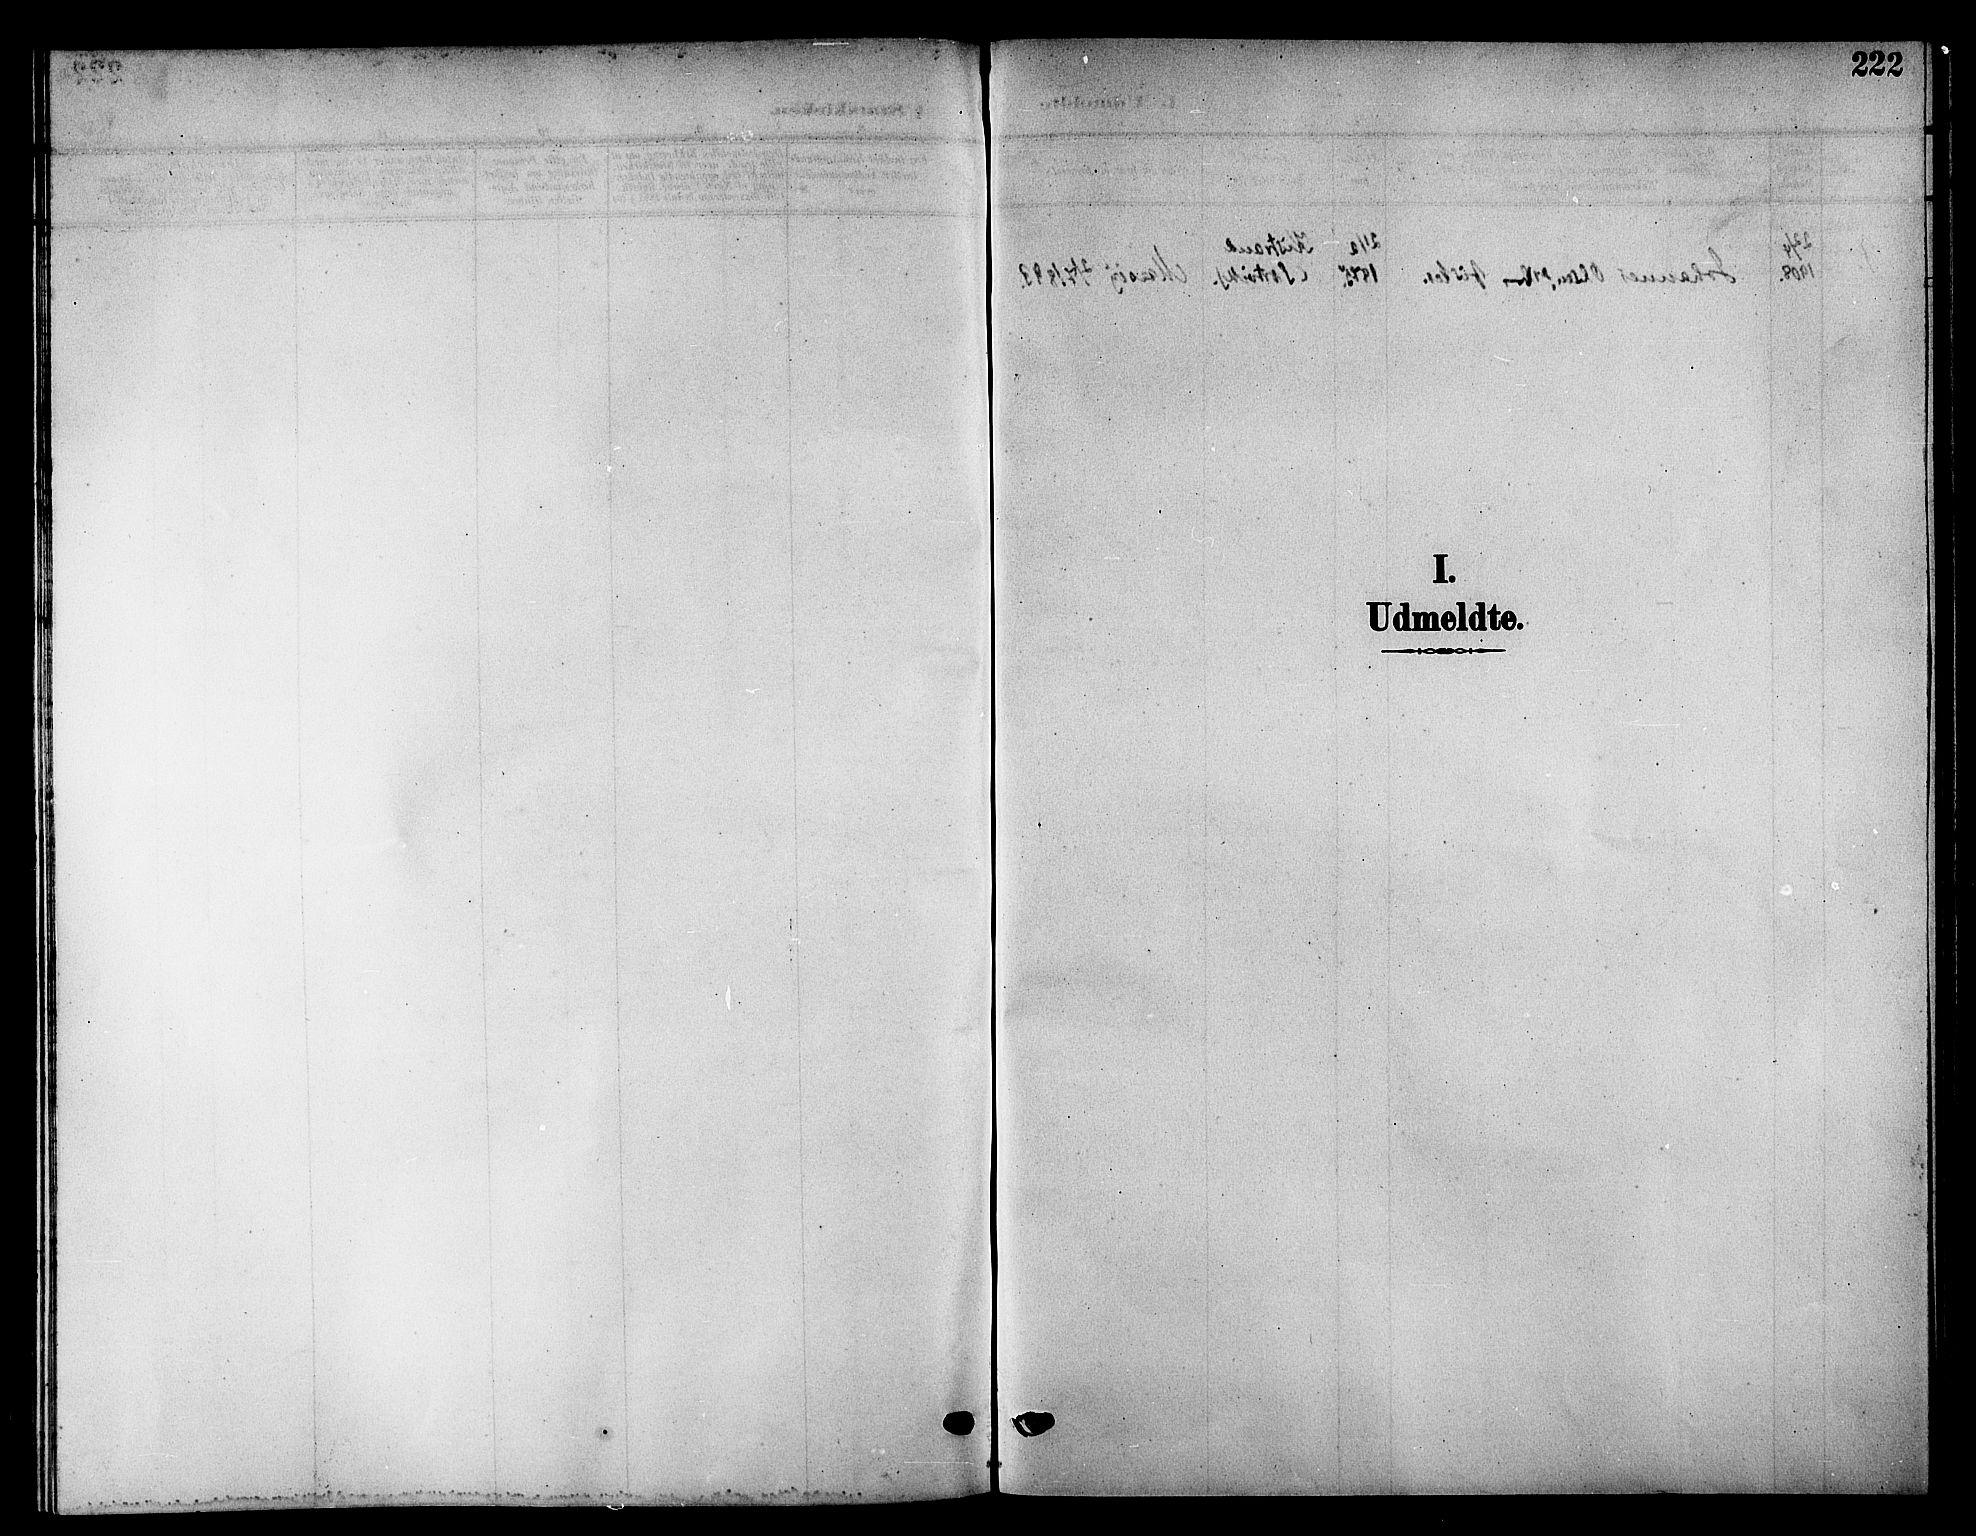 SATØ, Kistrand/Porsanger sokneprestembete, H/Hb/L0006.klokk: Klokkerbok nr. 6, 1905-1917, s. 222